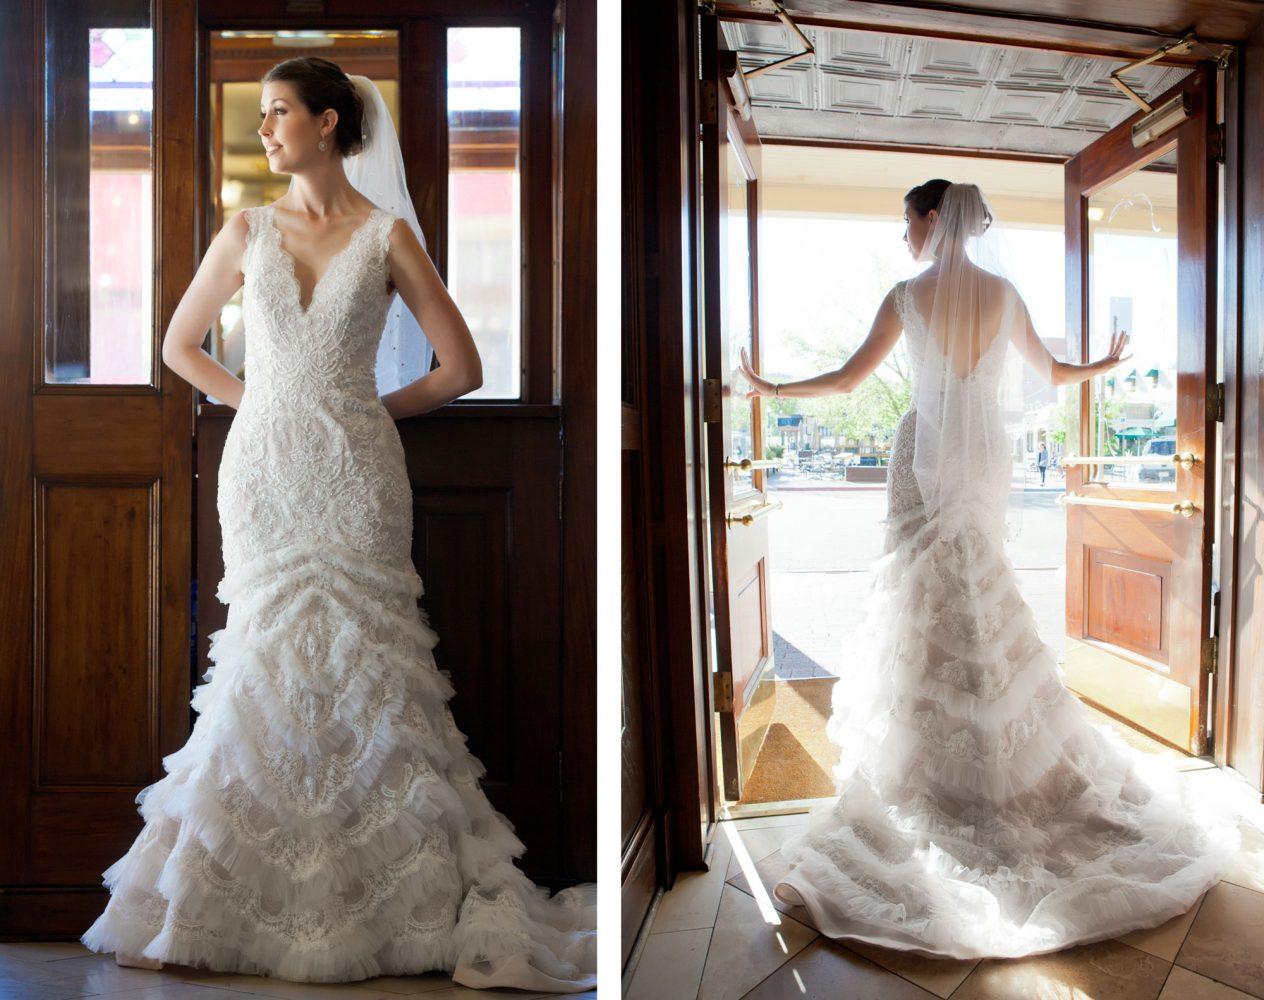 Bride win her wedding gown in Durango, Colorado